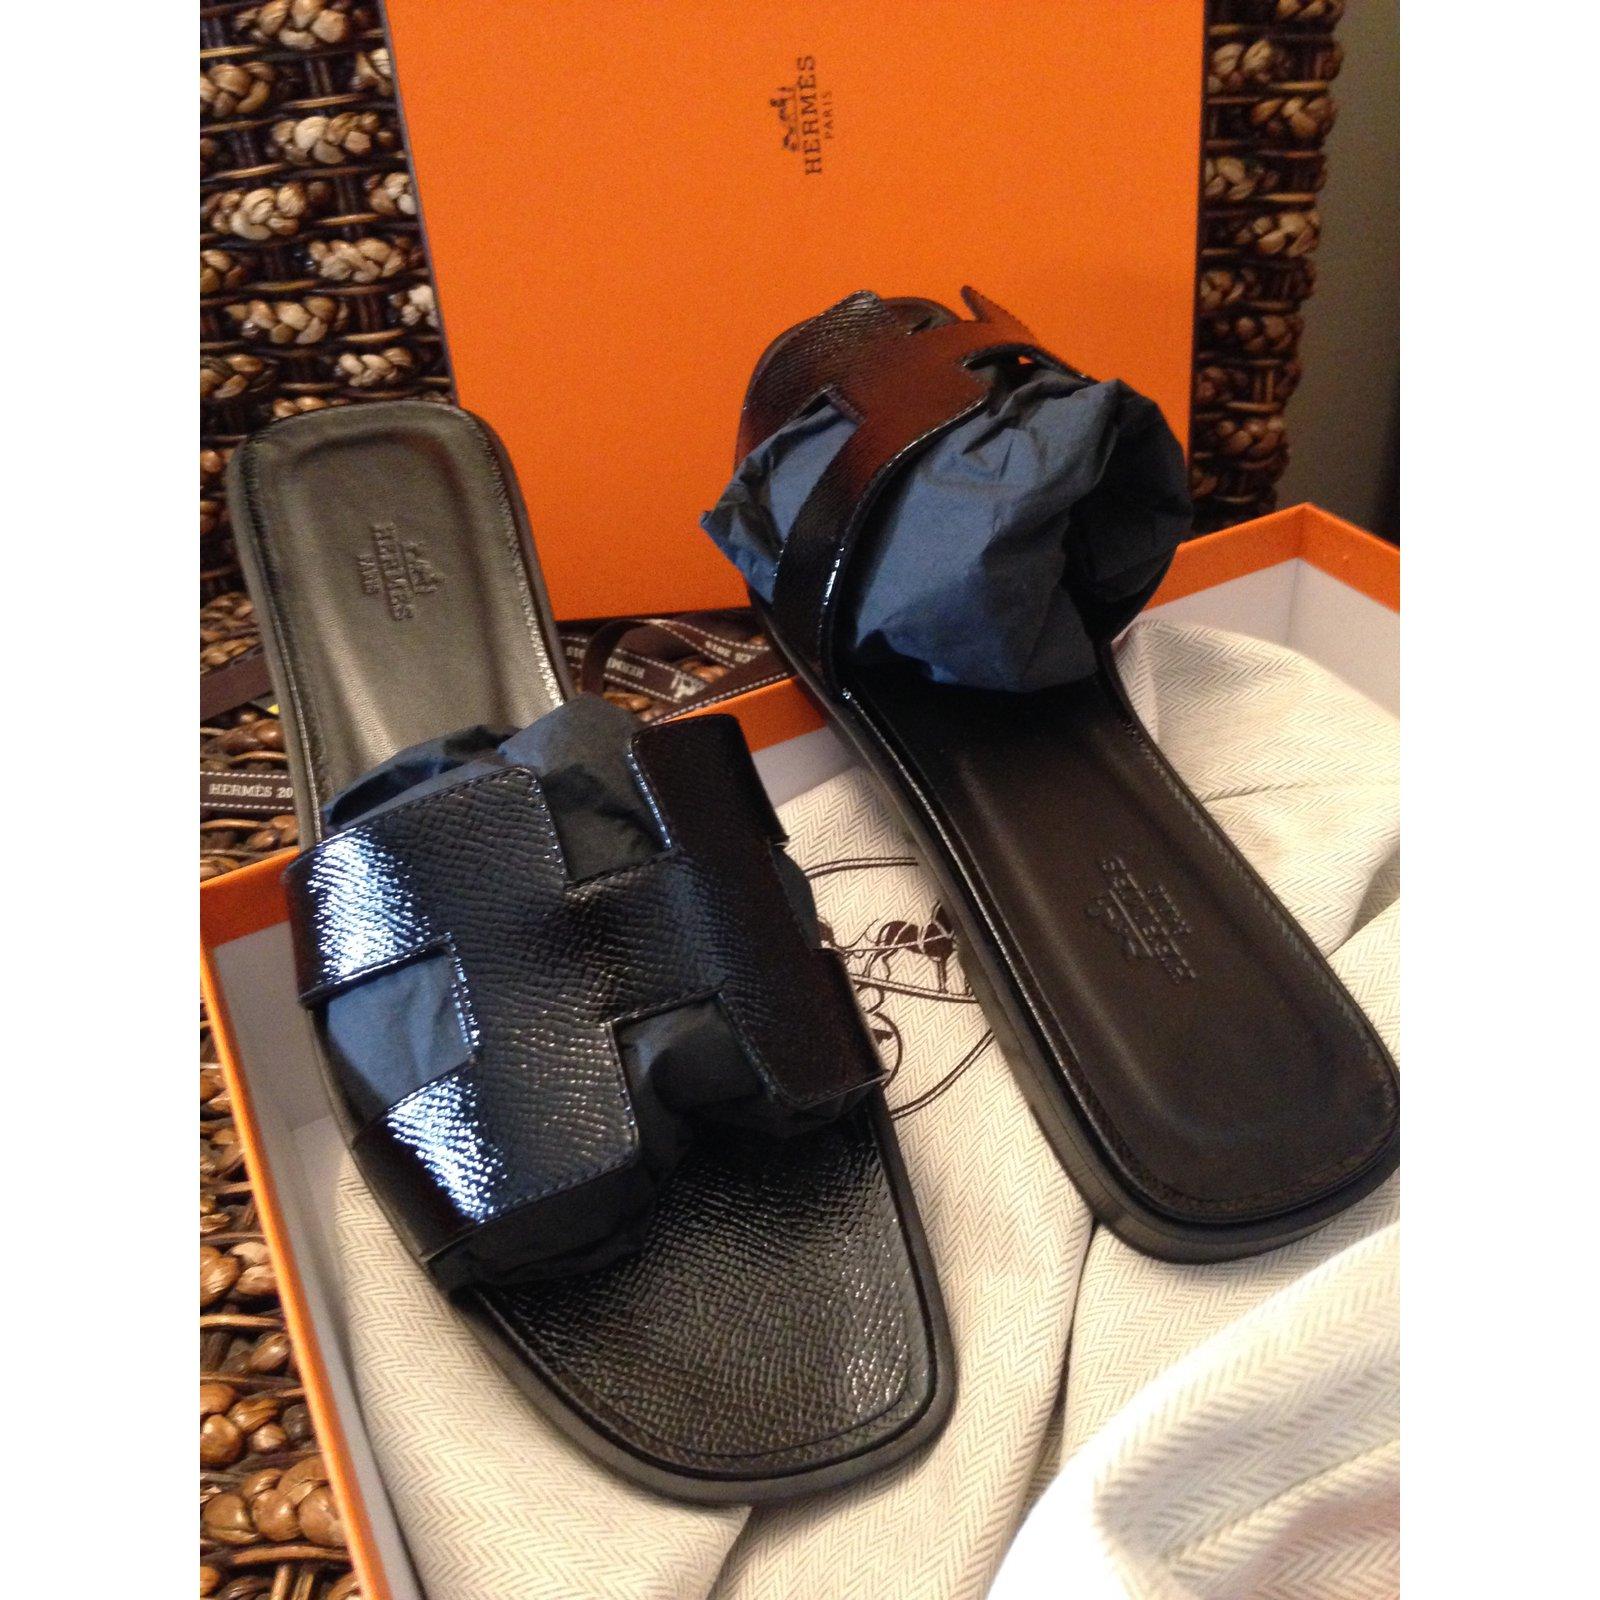 Ref Joli Noir 40652 Sandales Vernis Closet Oran Cuir Hermès Hermes eWE9YIHD2